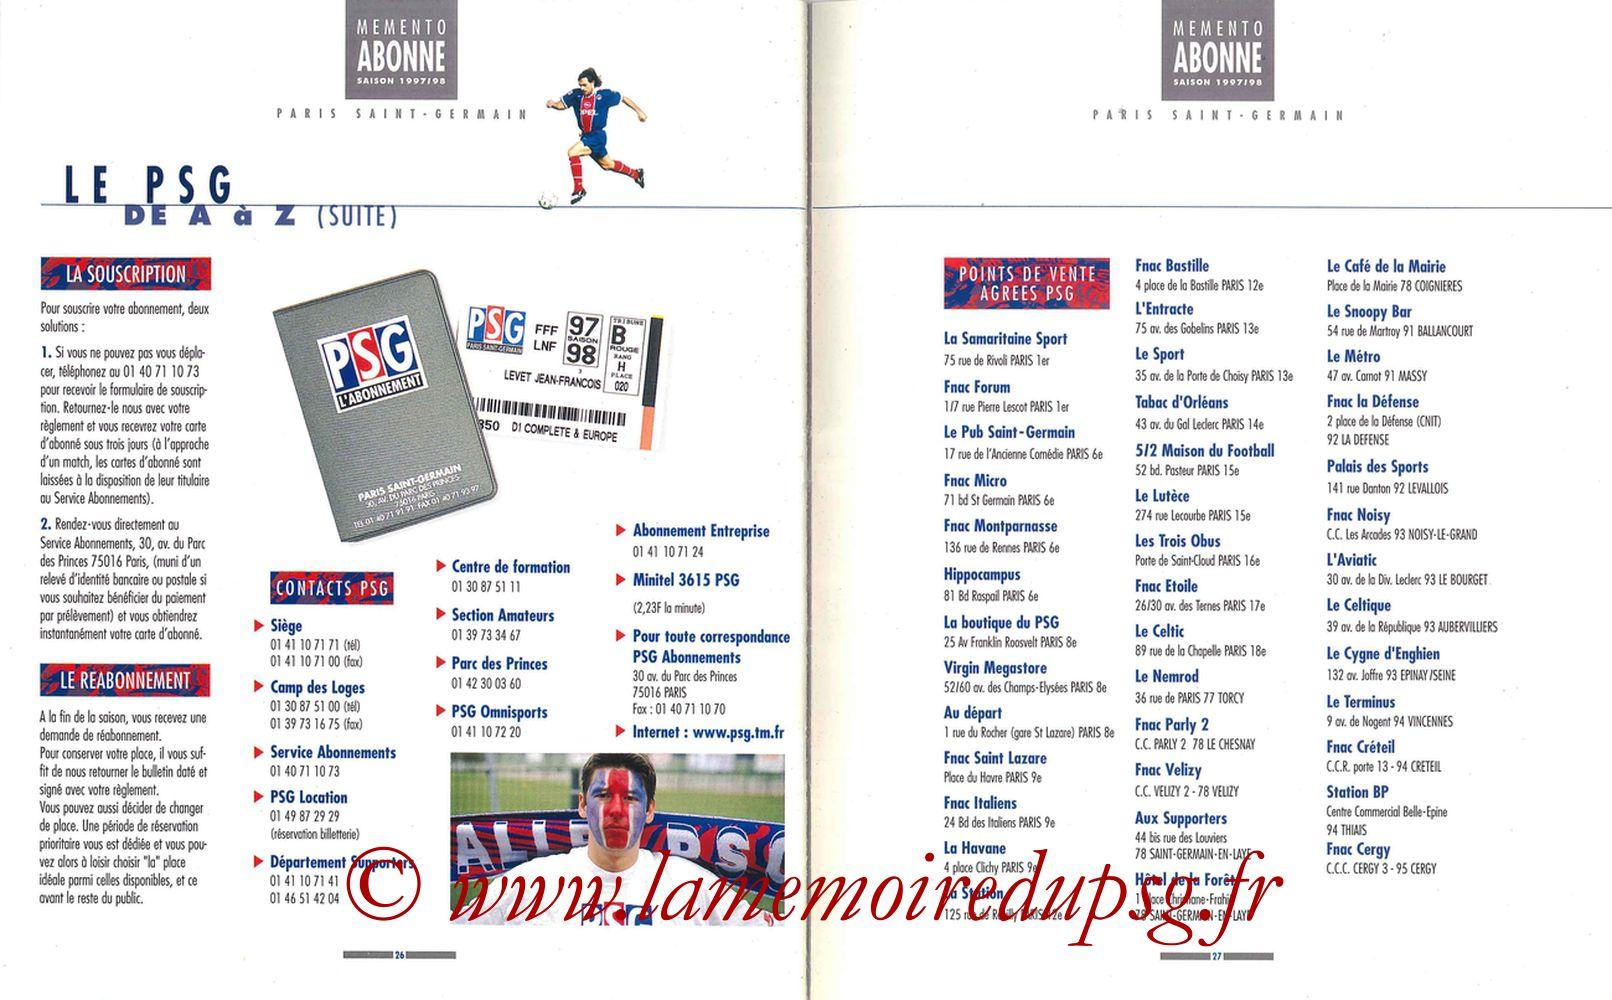 1997-98 - Guide de la Saison PSG - Pages 26 et 27